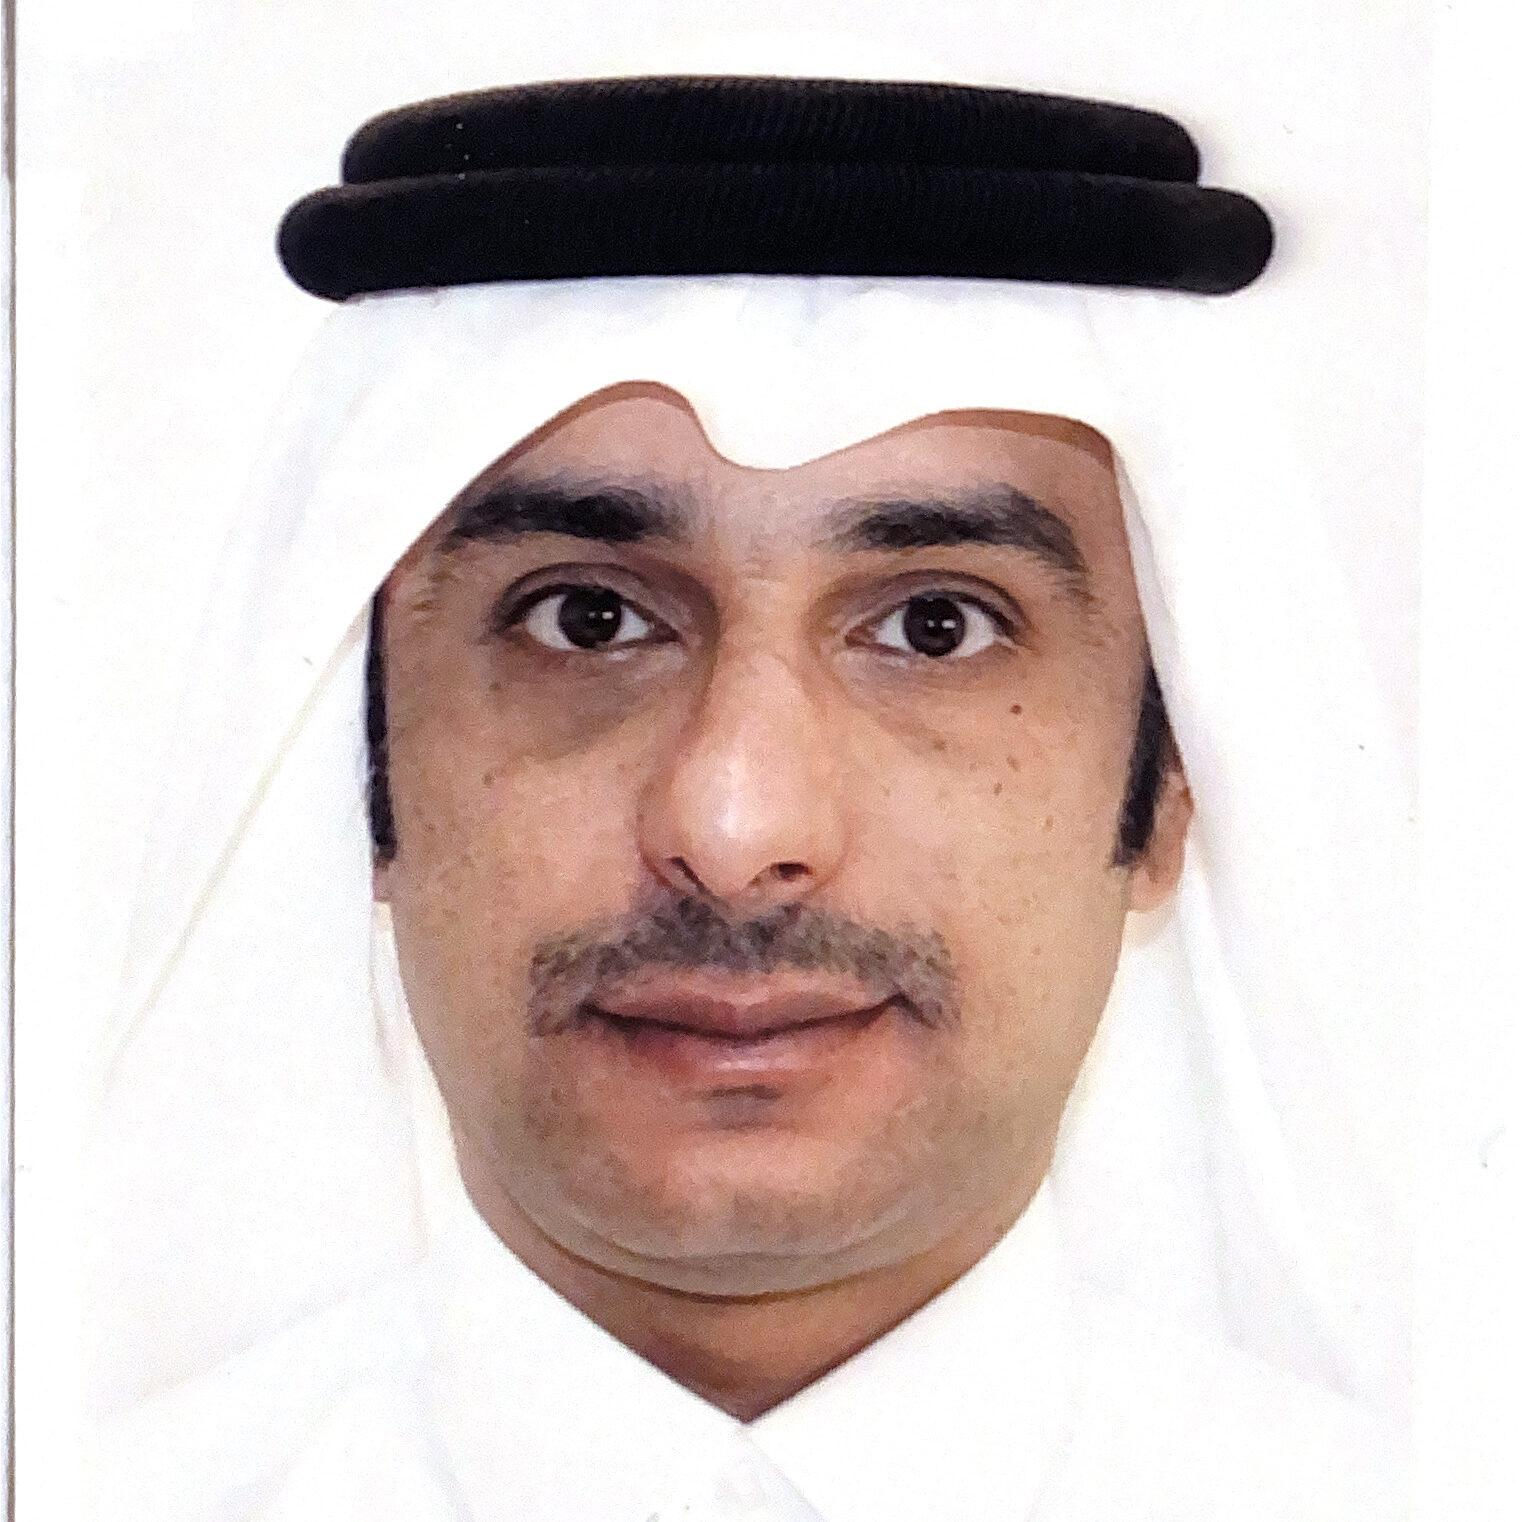 Abdullah Almutawa